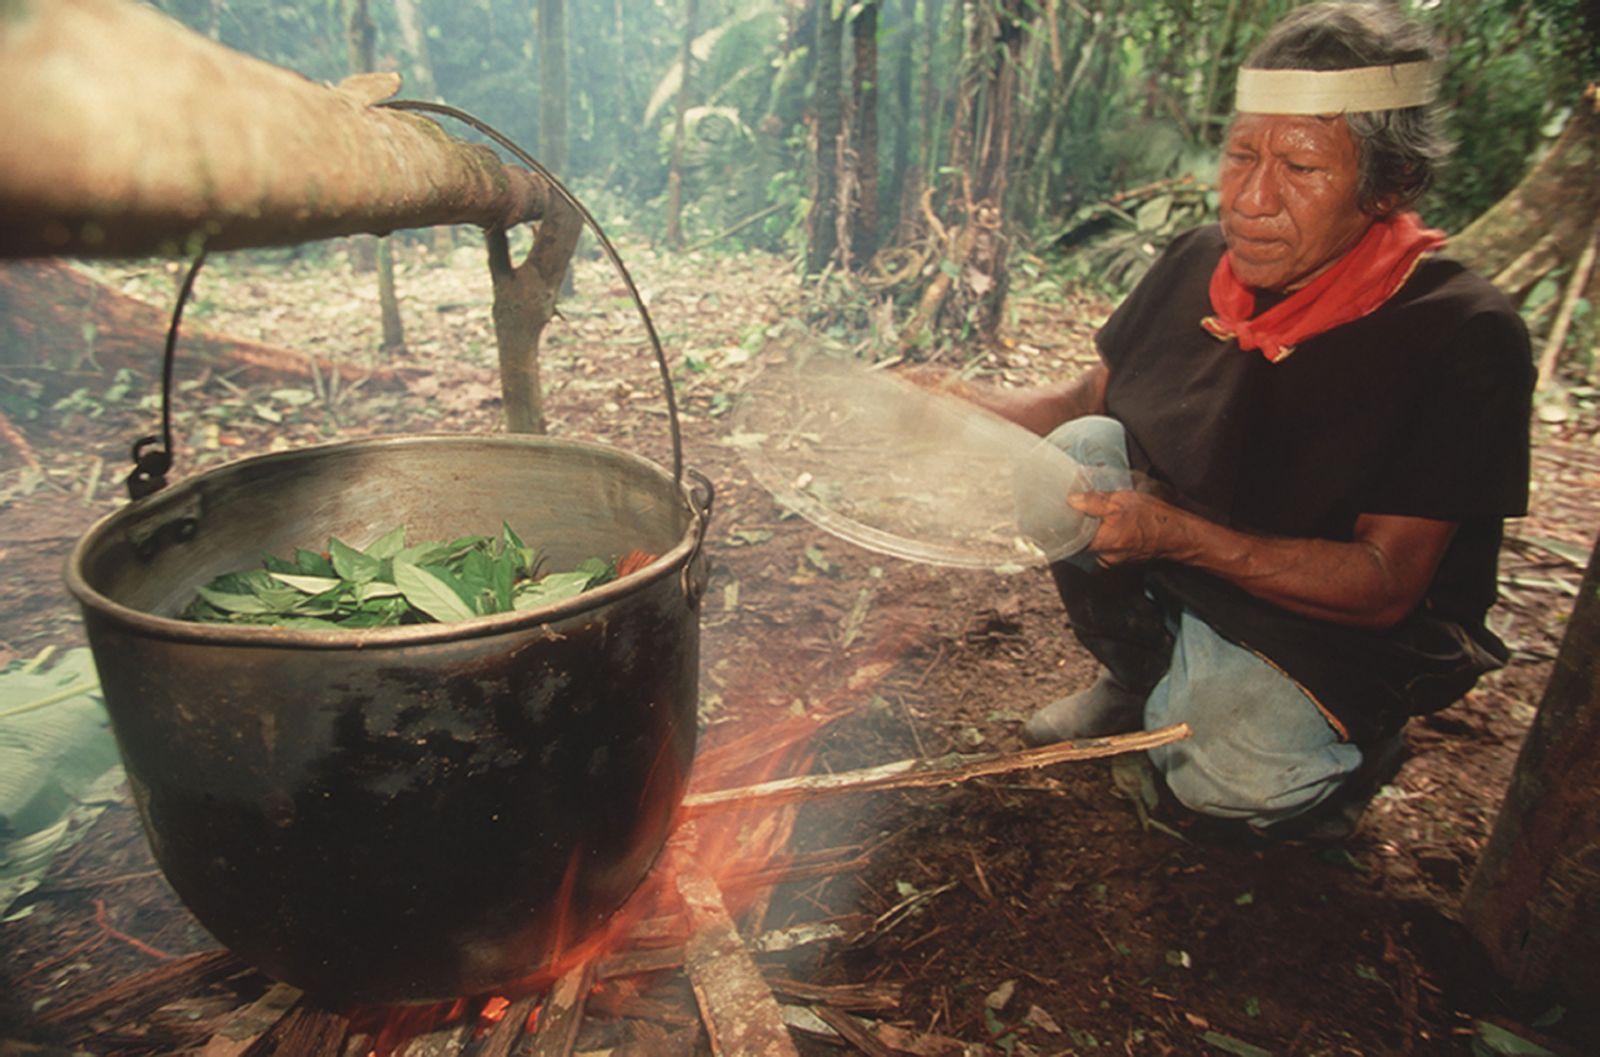 Katka odjela do Peru na ayahuacový rituál. Setkala se s démony, pak se jí rozjely psychózy a musela i na elektrošoky